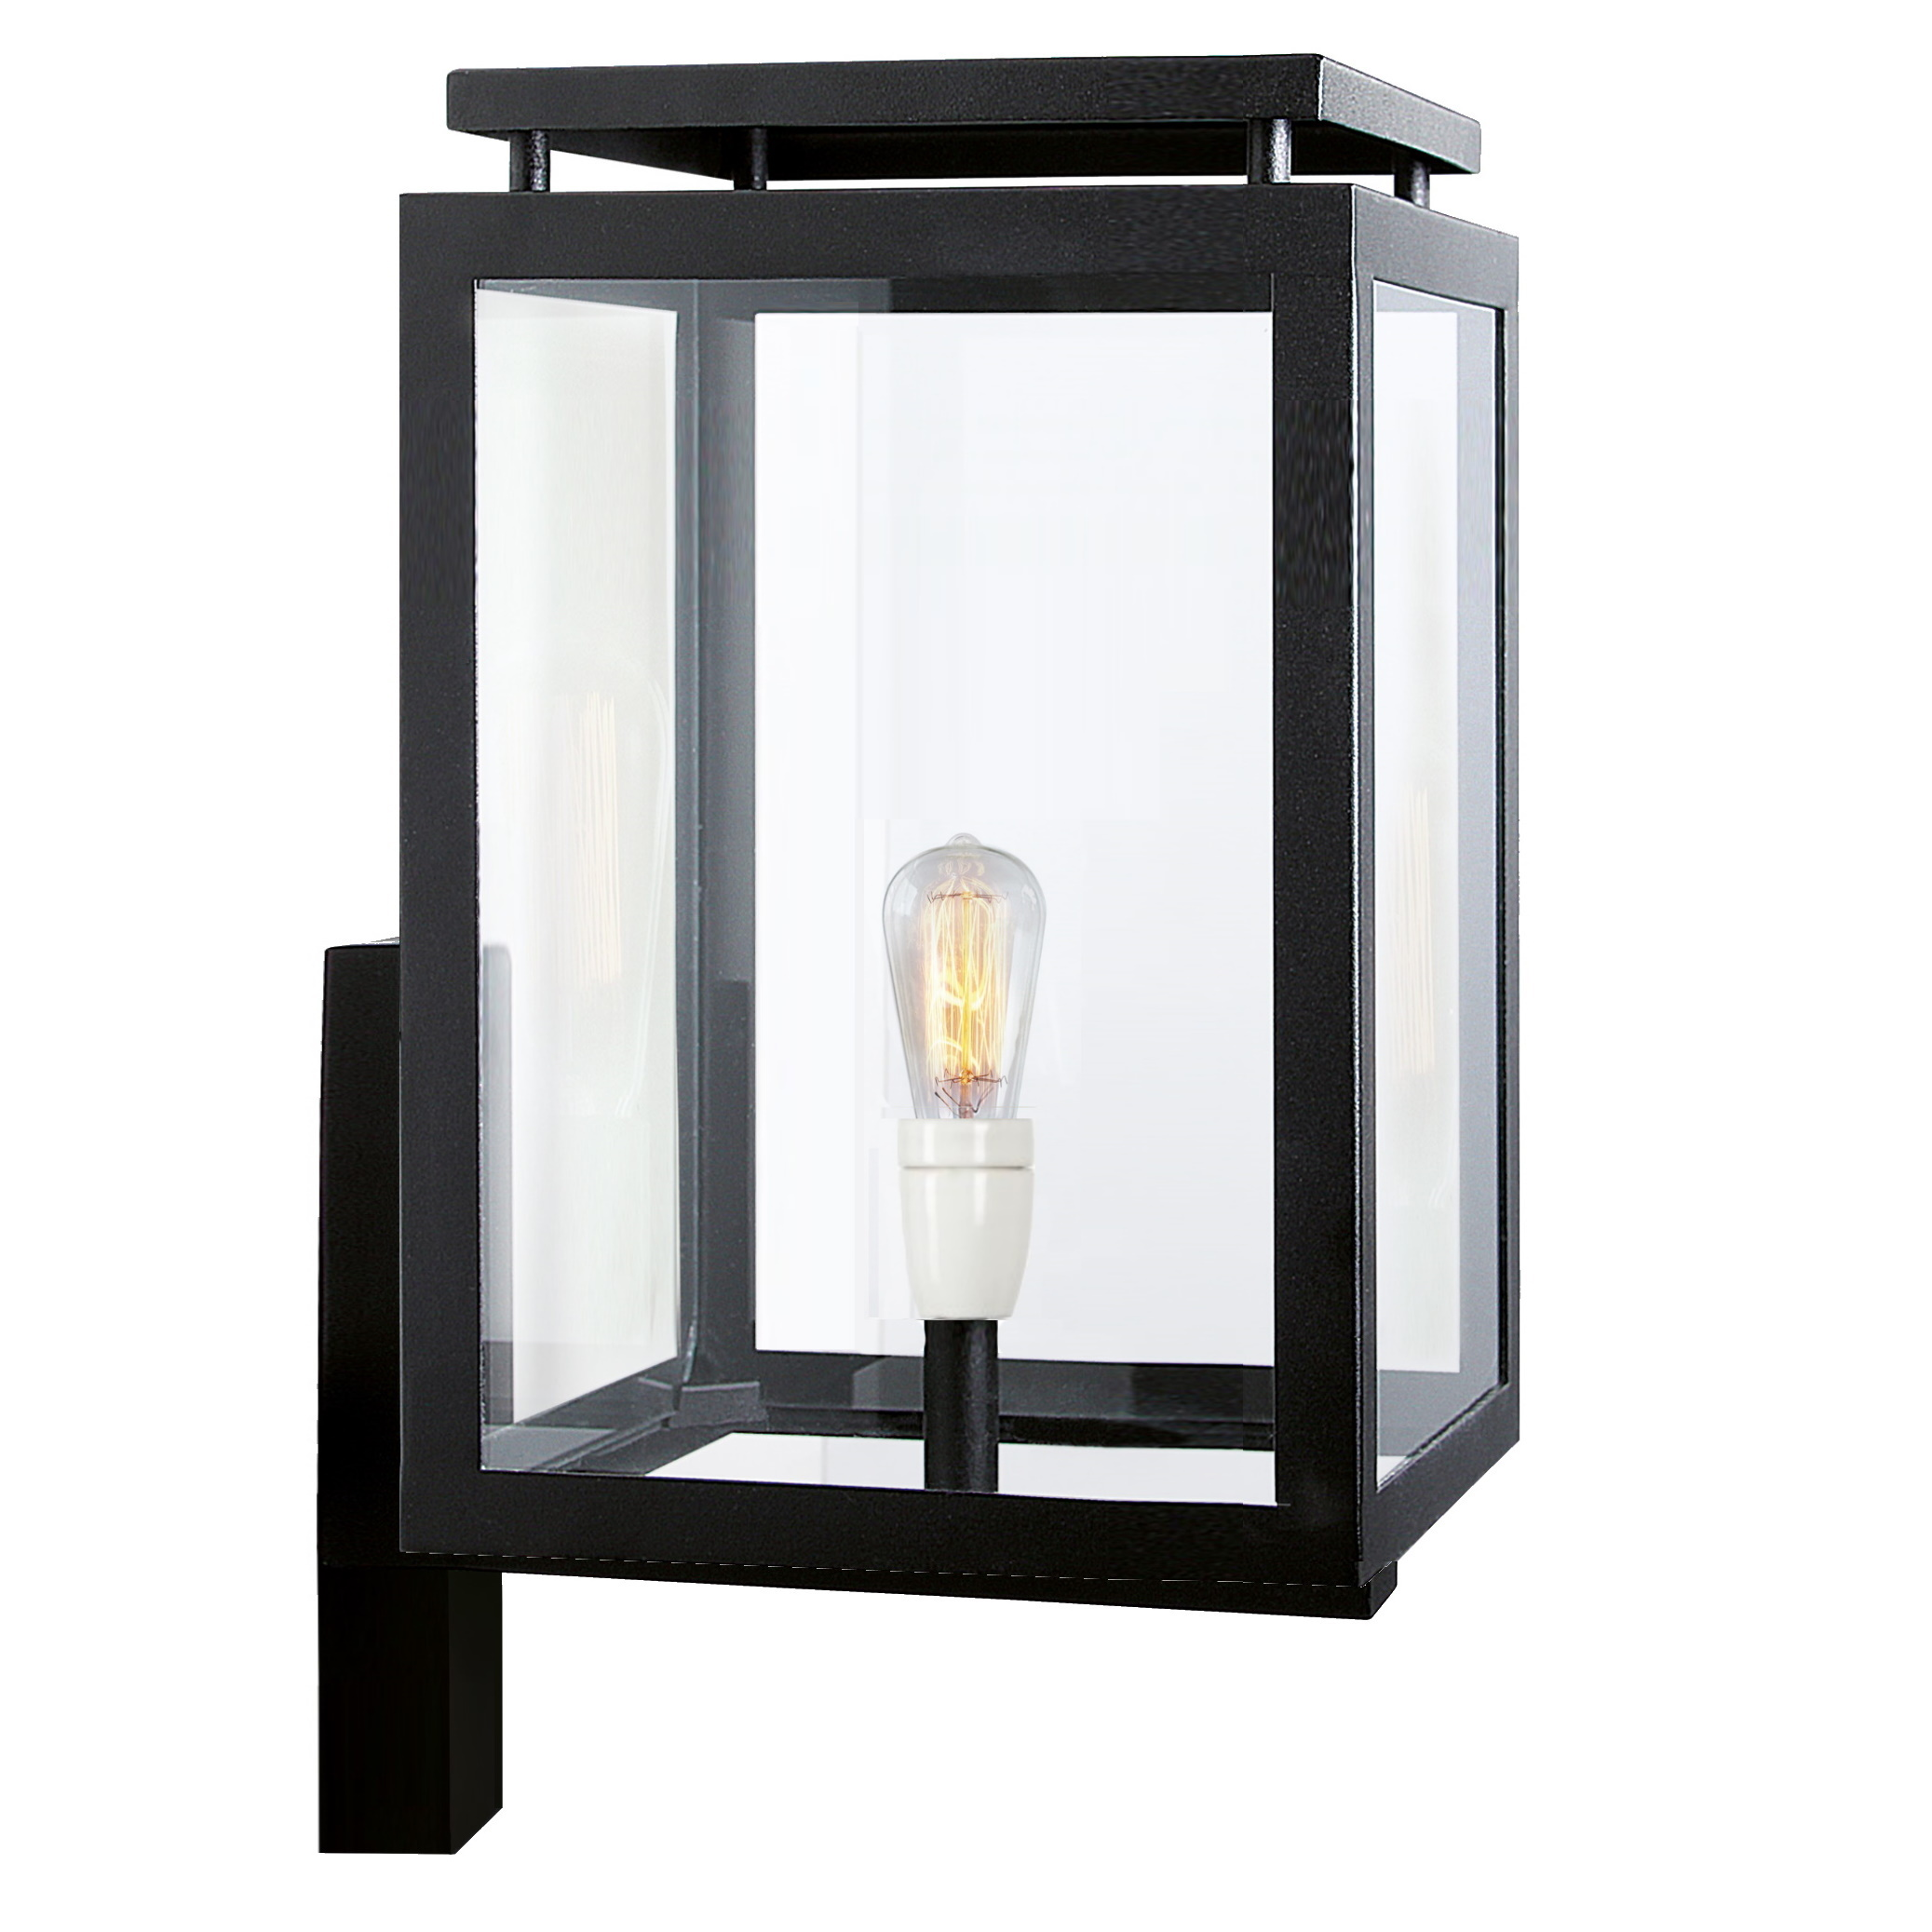 Buitenlamp De Vecht XL